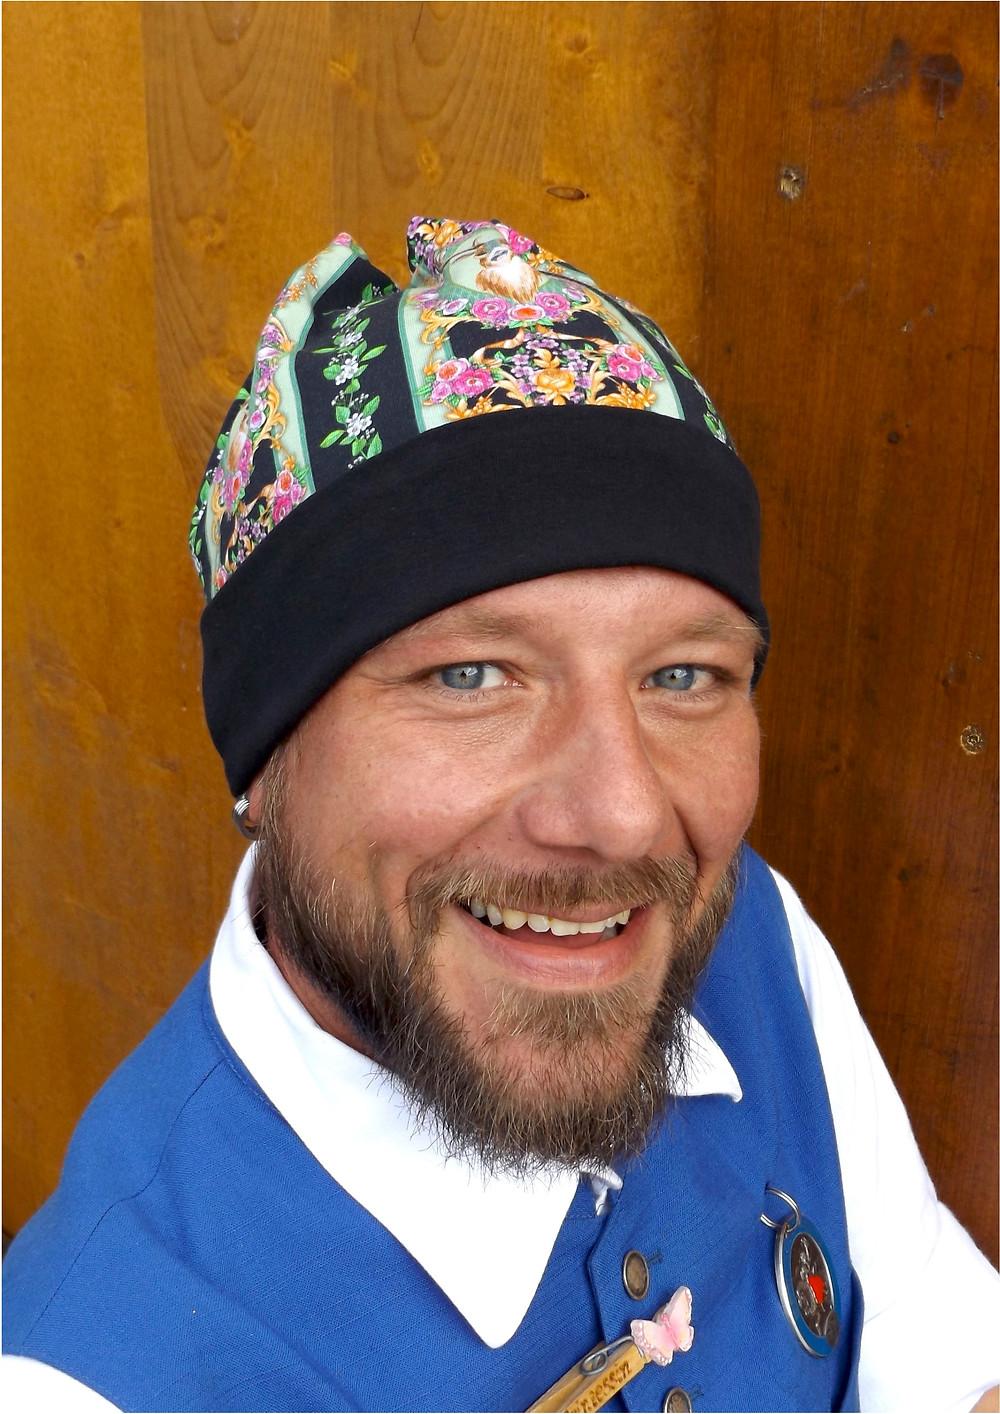 Wiesn, die Zweite. Tom mit Mütze. Sixx-Zagg-Mützen von prettybanana.com. Deine individuelle Mütze aus München.